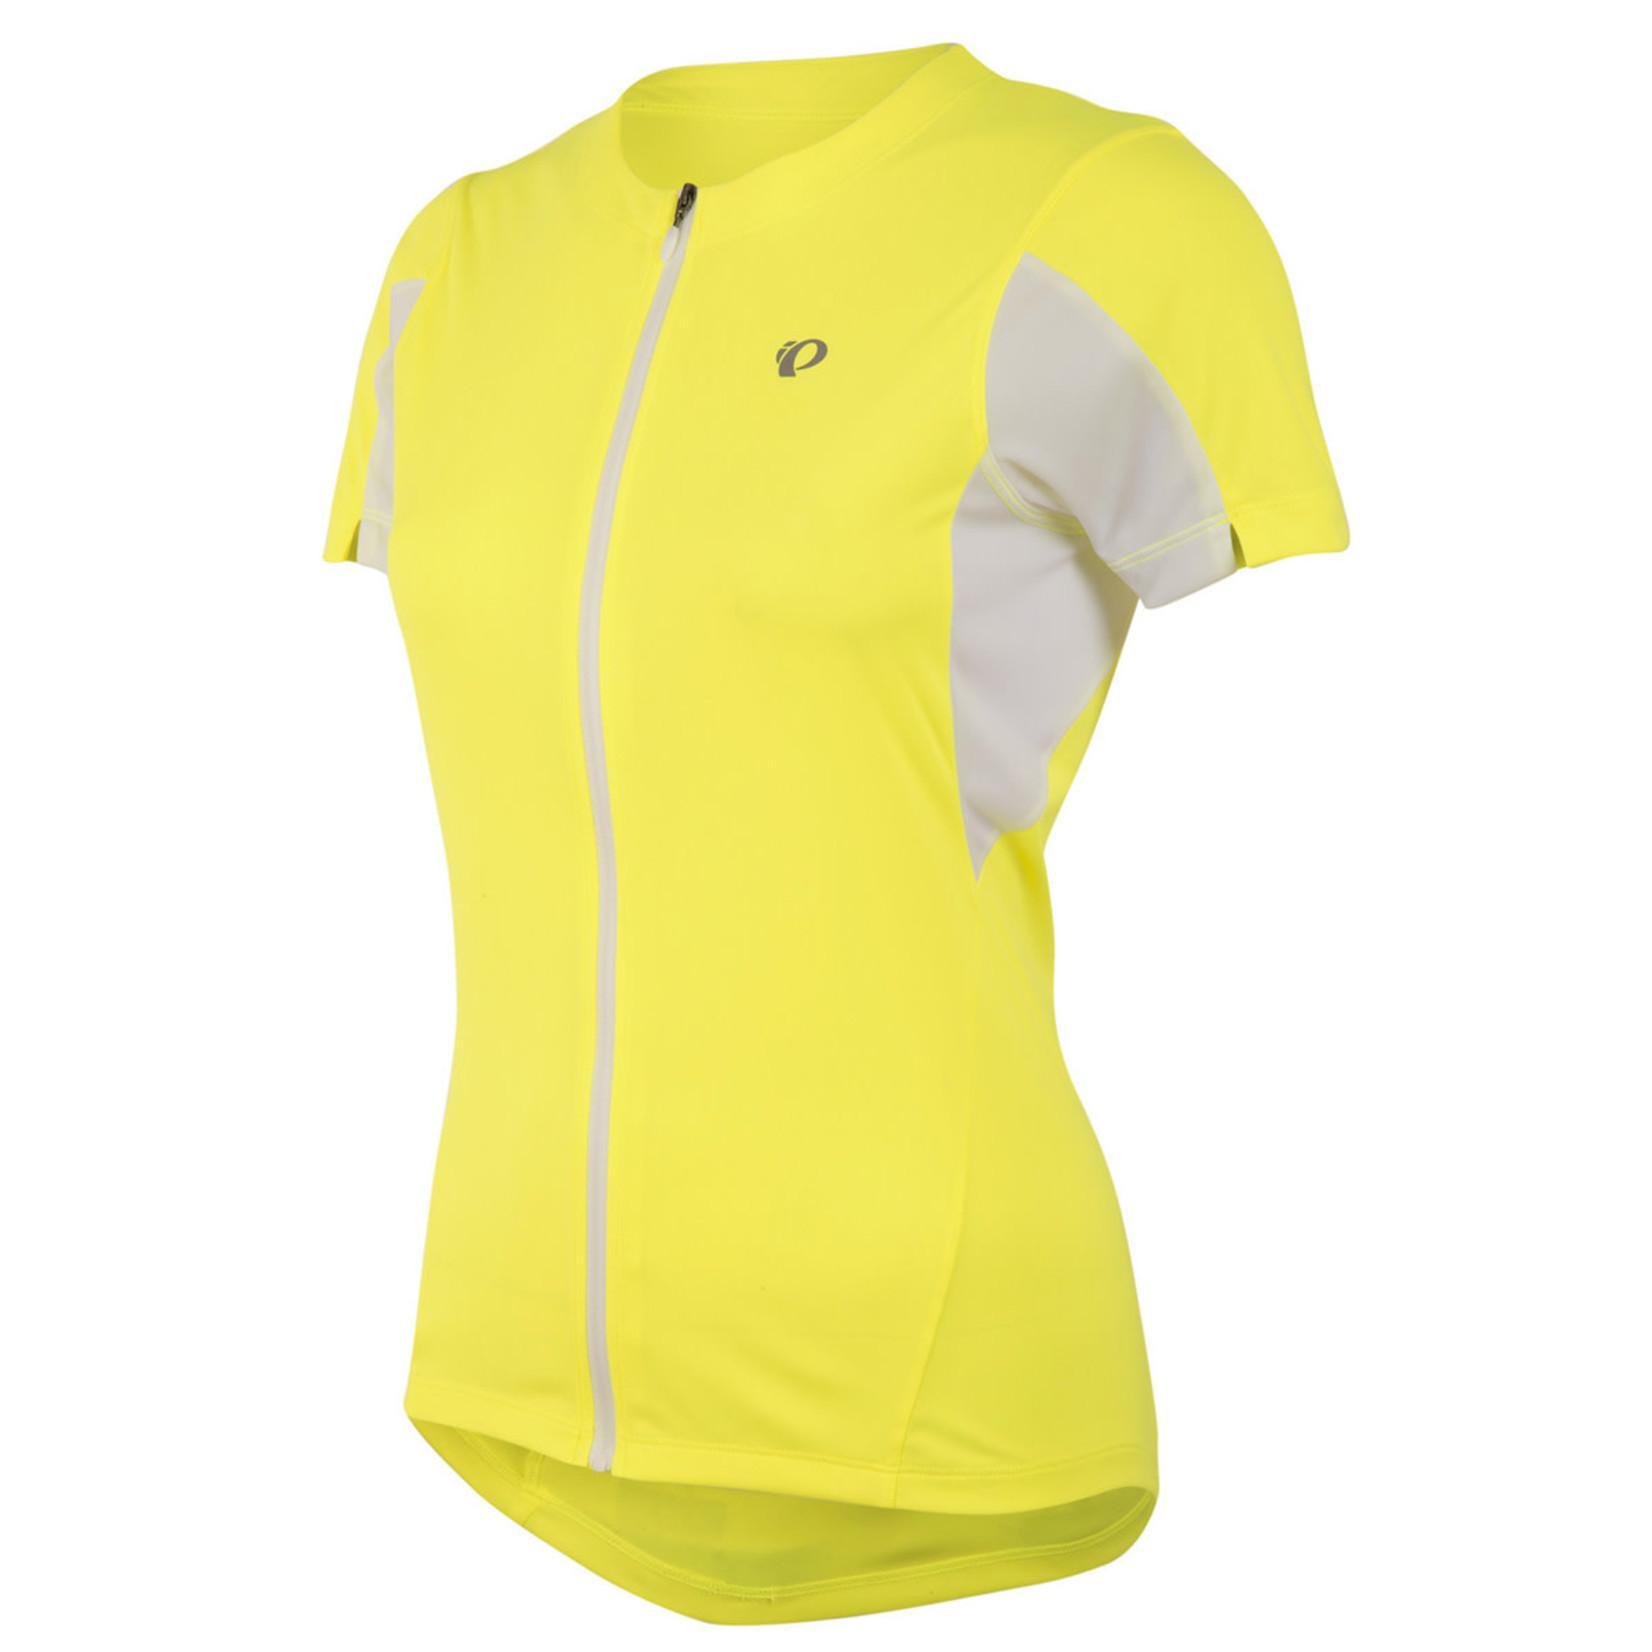 Pearl Izumi Select Woman Cycling Jersey Yellow